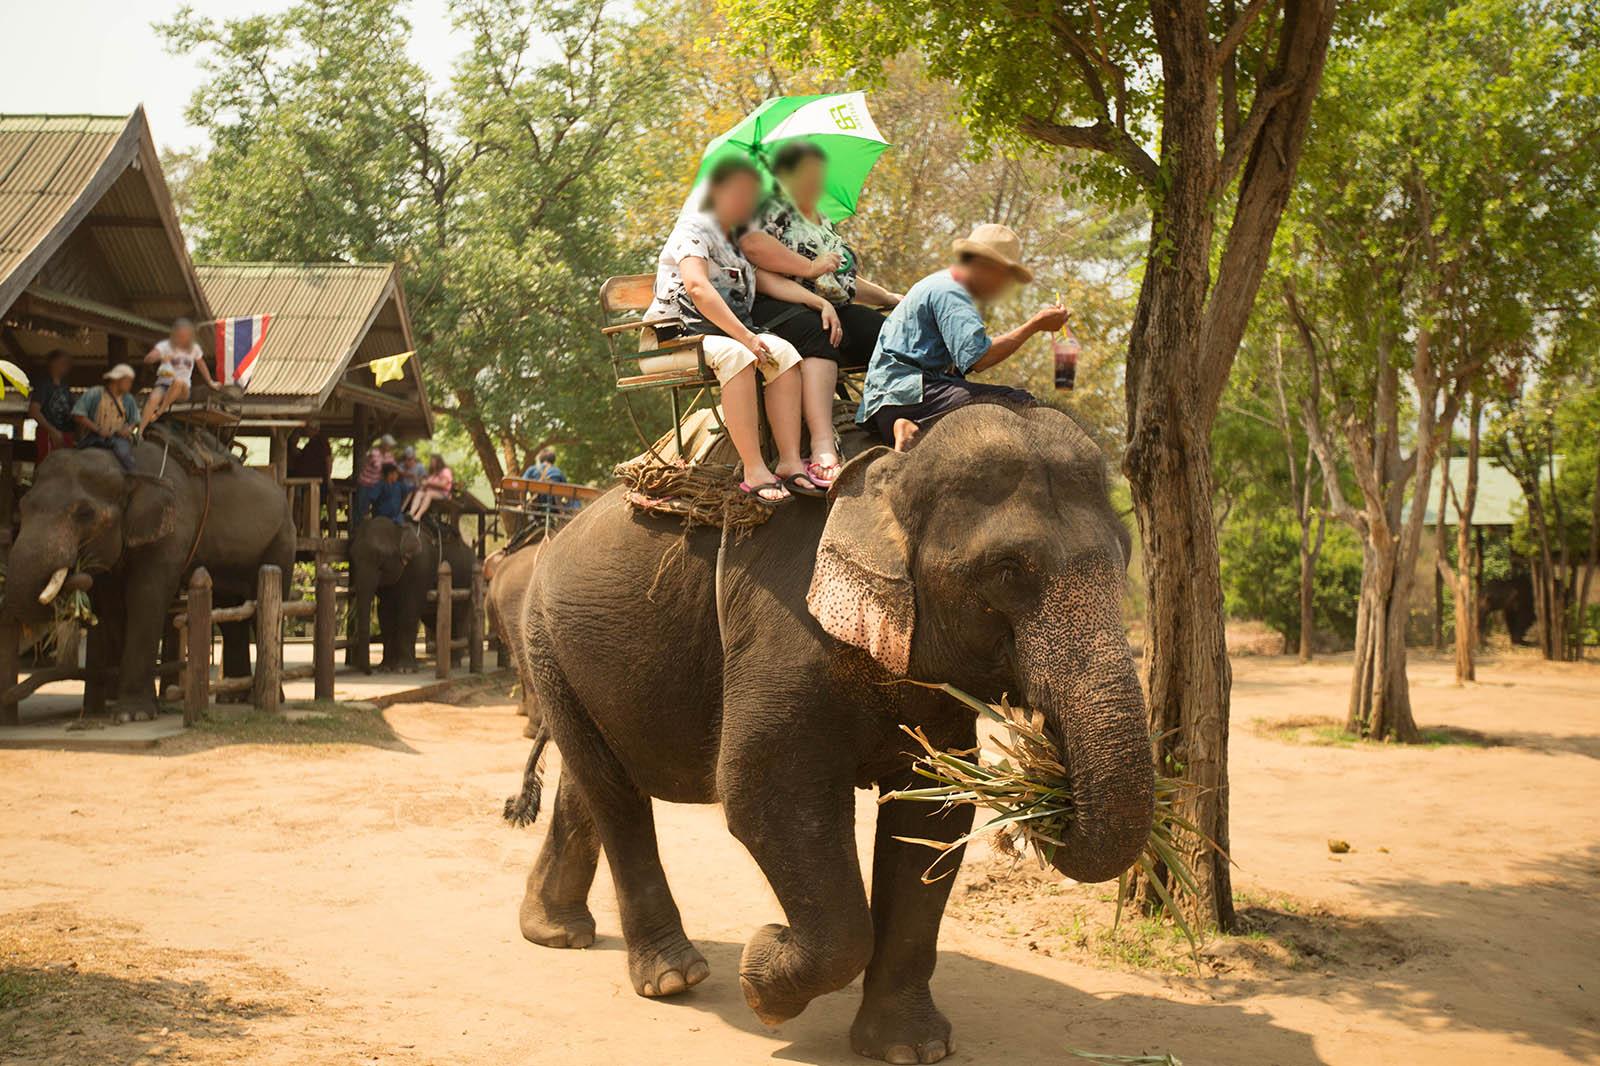 Tiere als Touristen-Attraktion: die 7 größten Tierschutz-Fallen im Auslandsurlaub